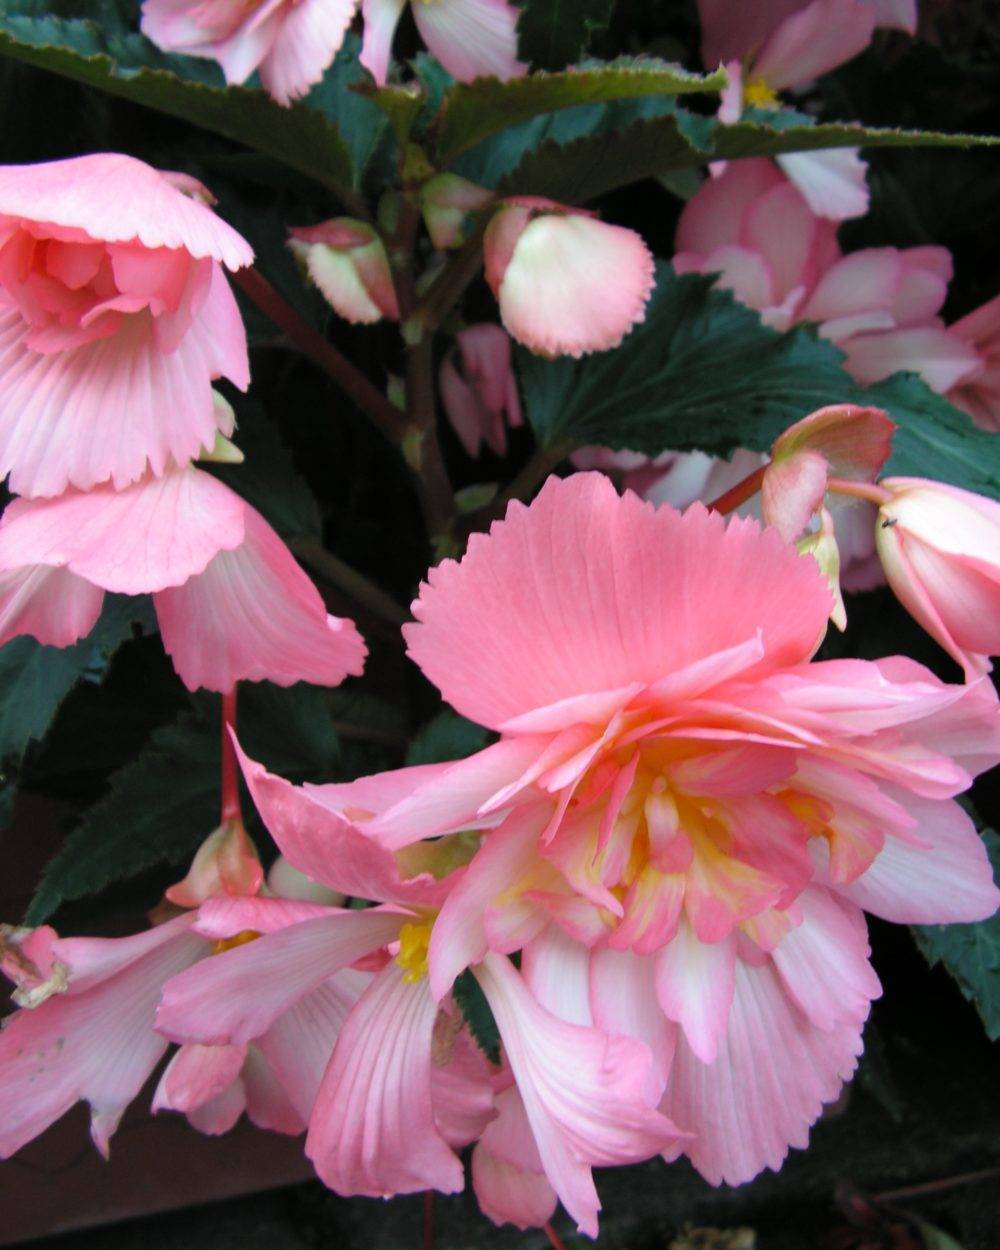 Посадка и уход за бегонией ампельной в домашних условиях: выращивание клубневого растения в открытом грунте, как грамотно заботиться о цветке, как выглядит на фото? русский фермер